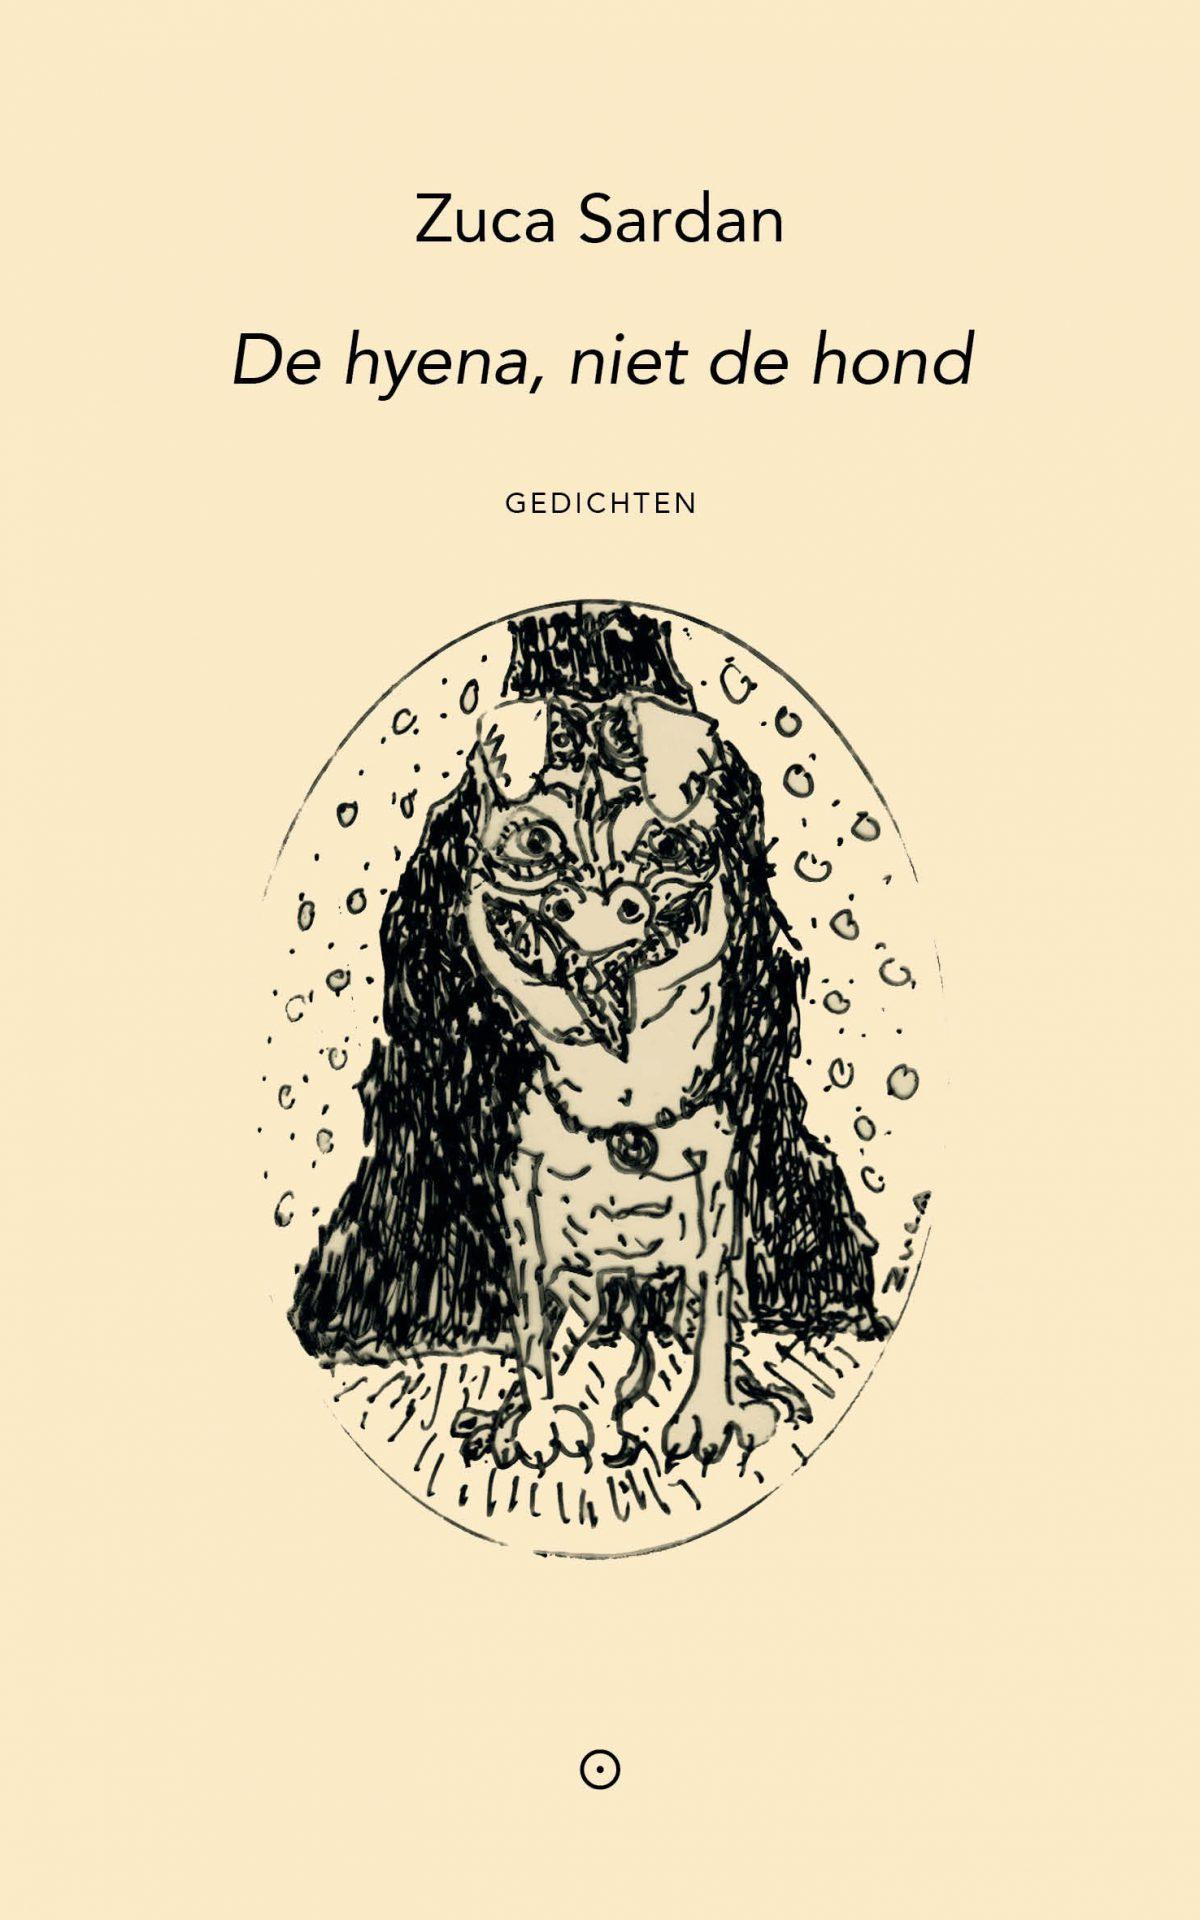 De hyena, niet de hond – Zuca Sardan